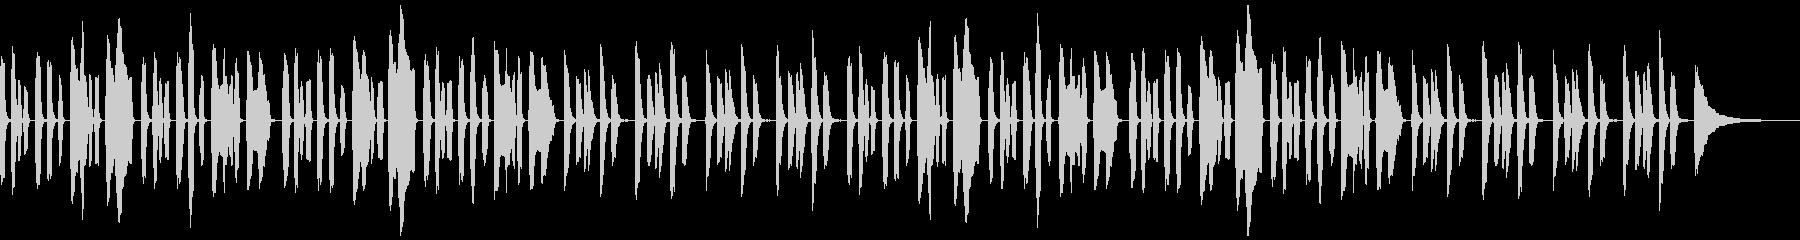 YouTubeコミカルかわいいリコーダーの未再生の波形